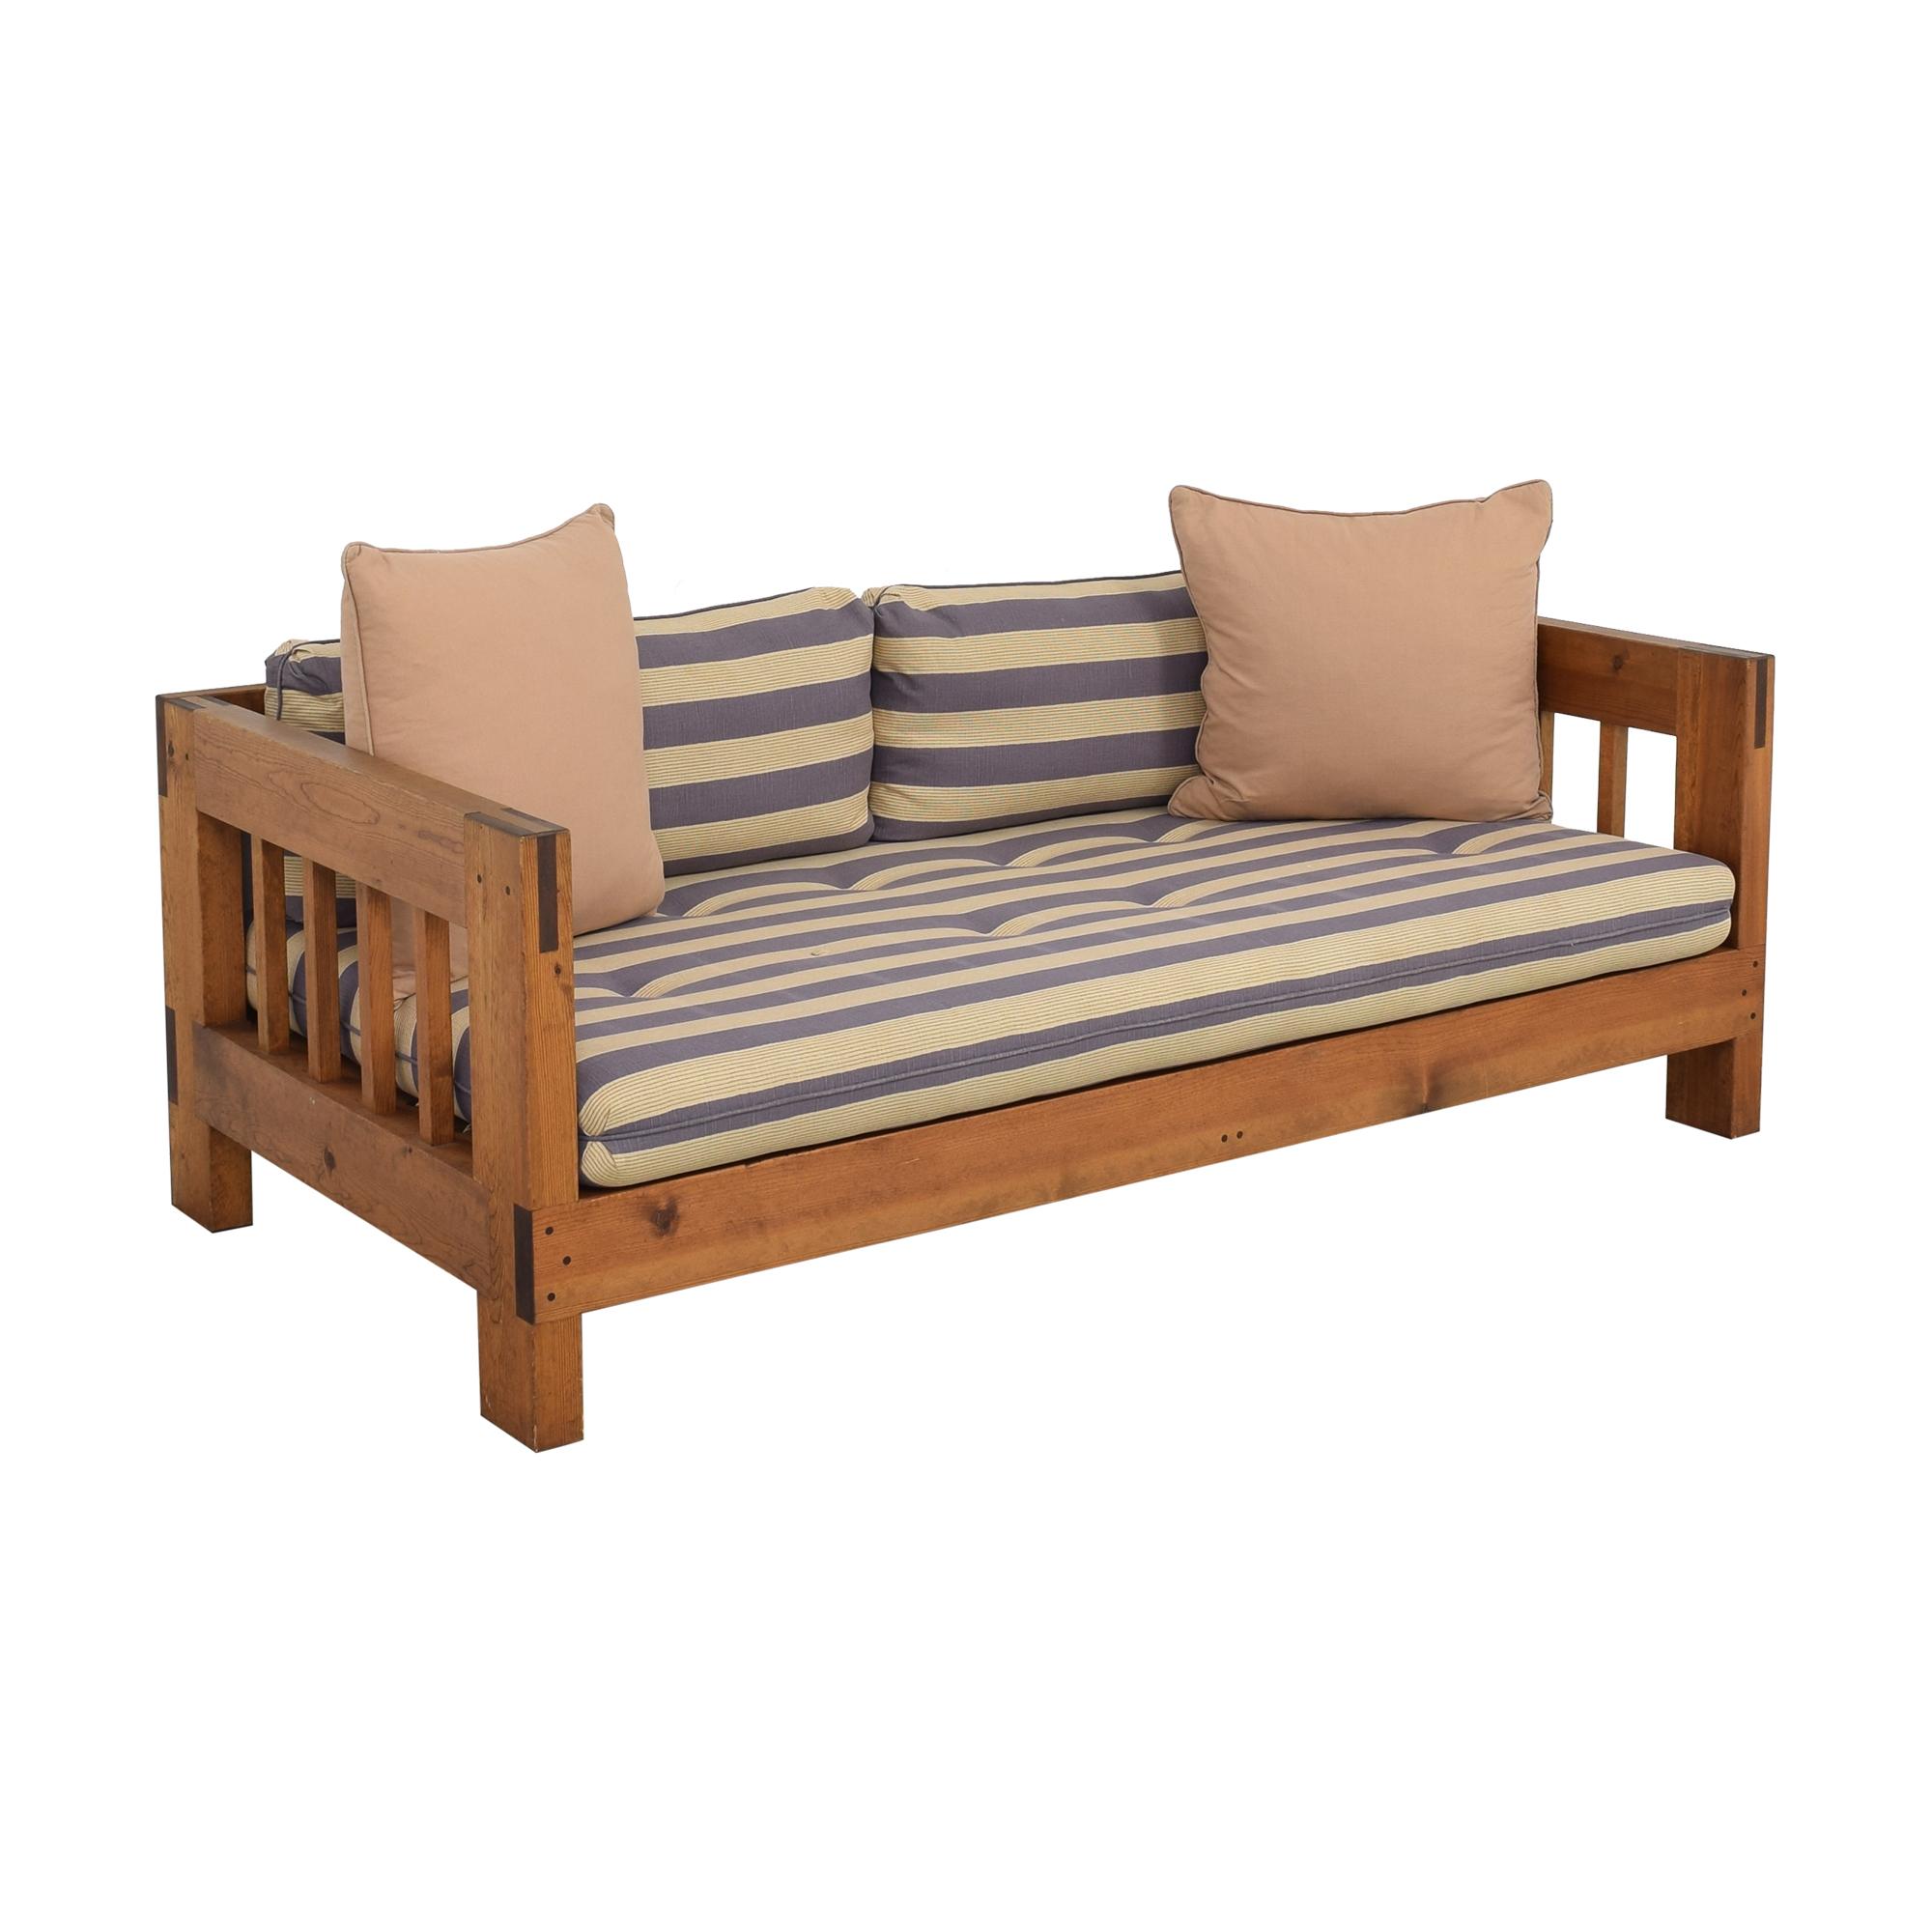 Taos Furniture Toas Furniture Galisteo Sofa coupon